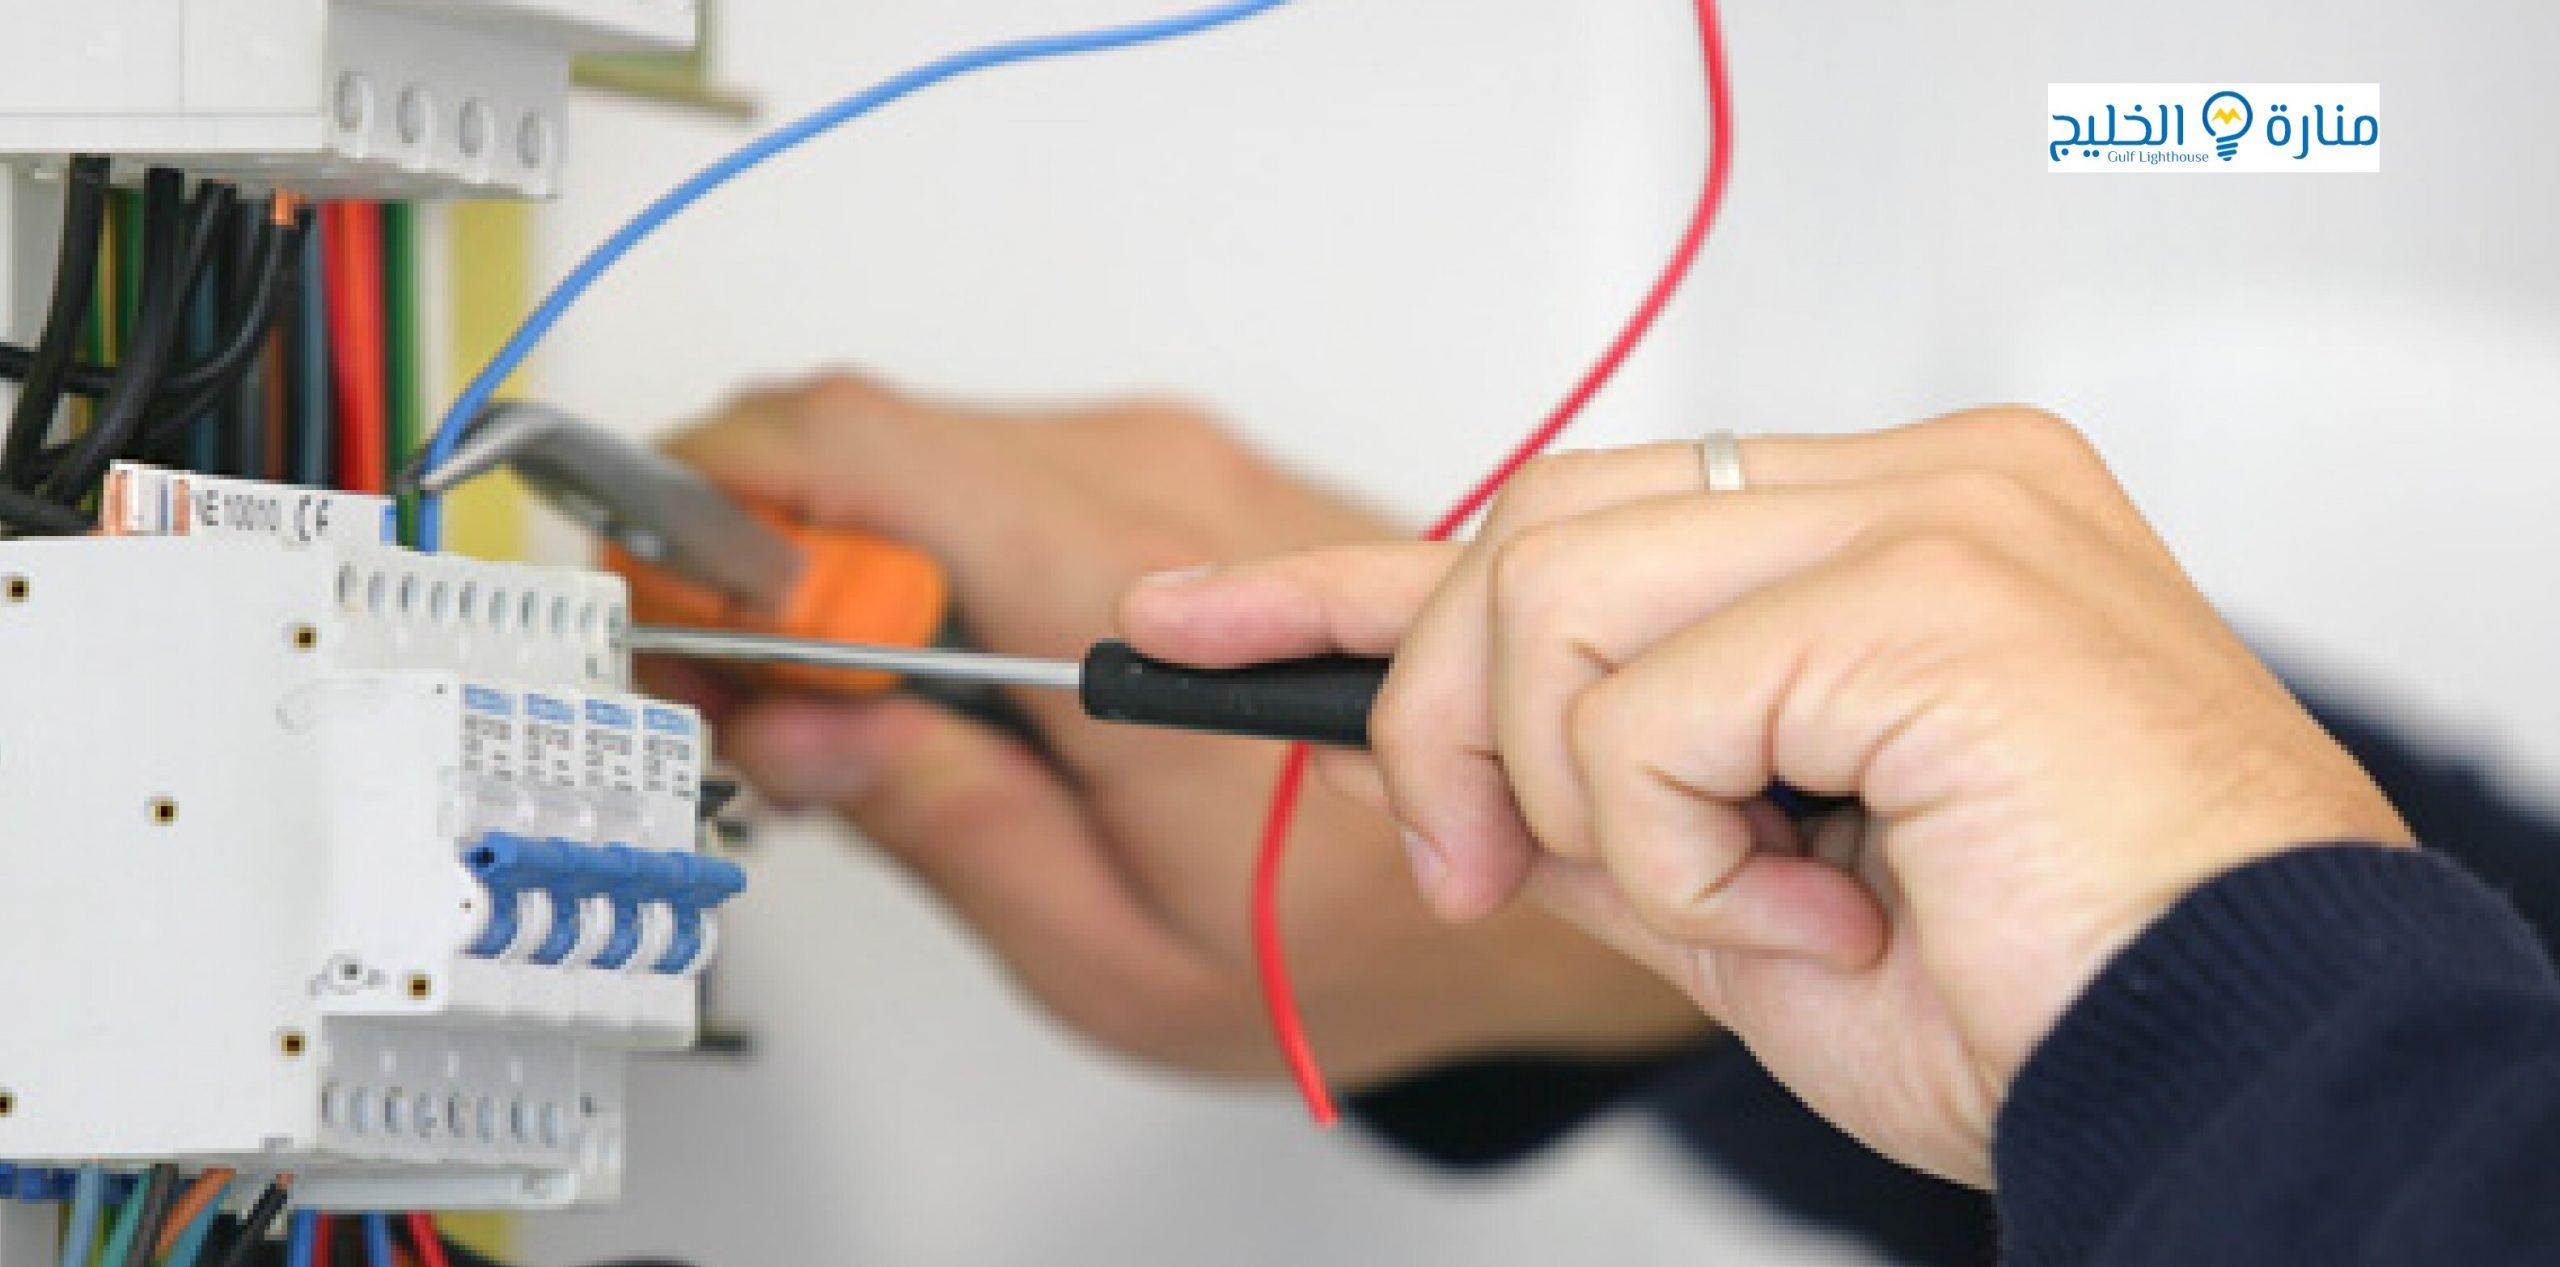 تصليح اعطال الكهرباء بجدة